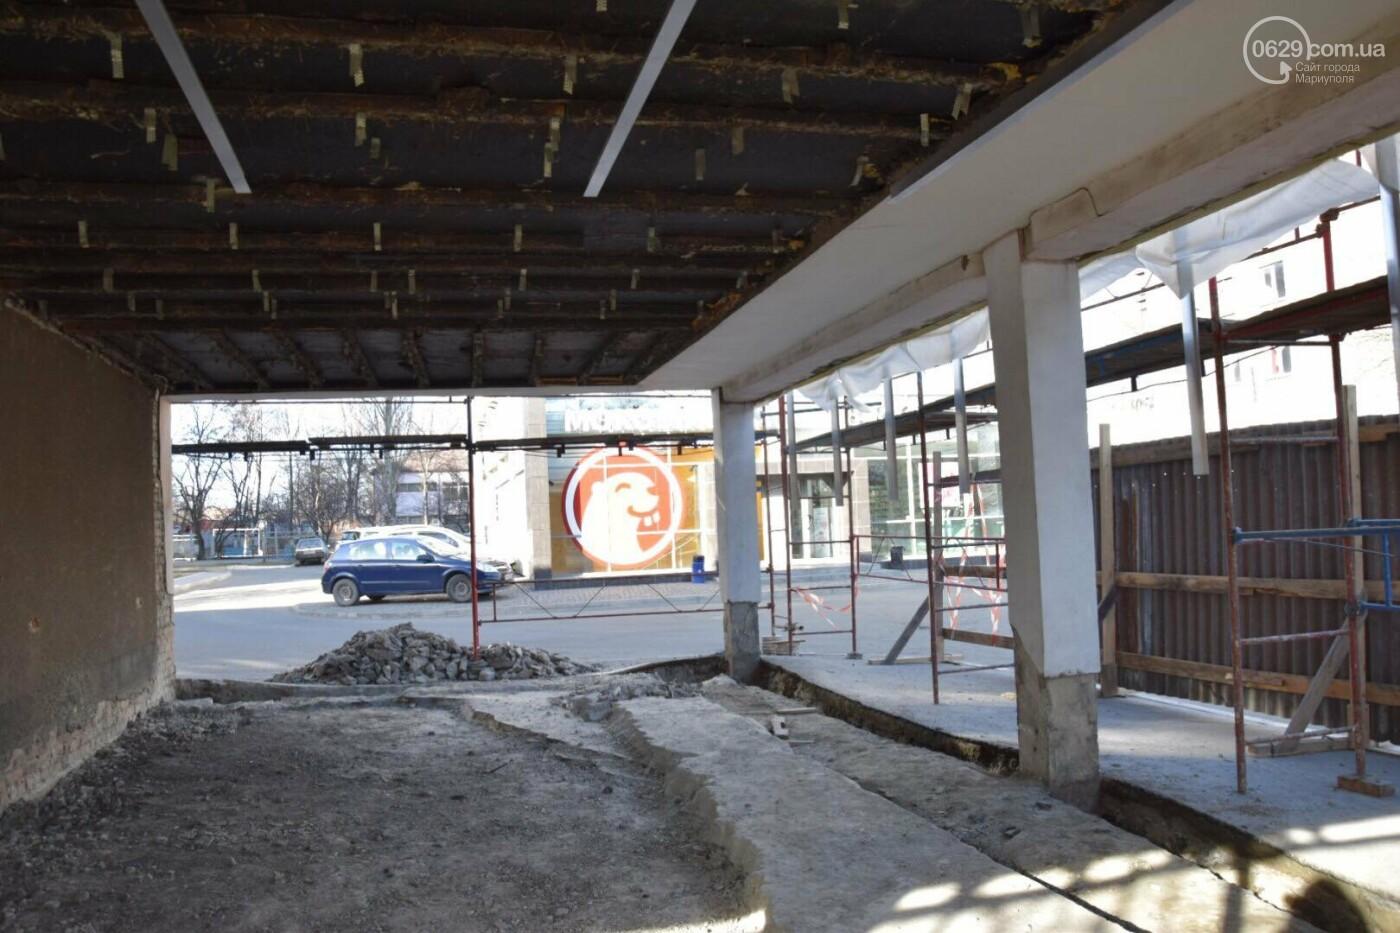 Как проходит ремонт главной библиотеки Мариуполя, - ФОТОРЕПОРТАЖ, фото-6